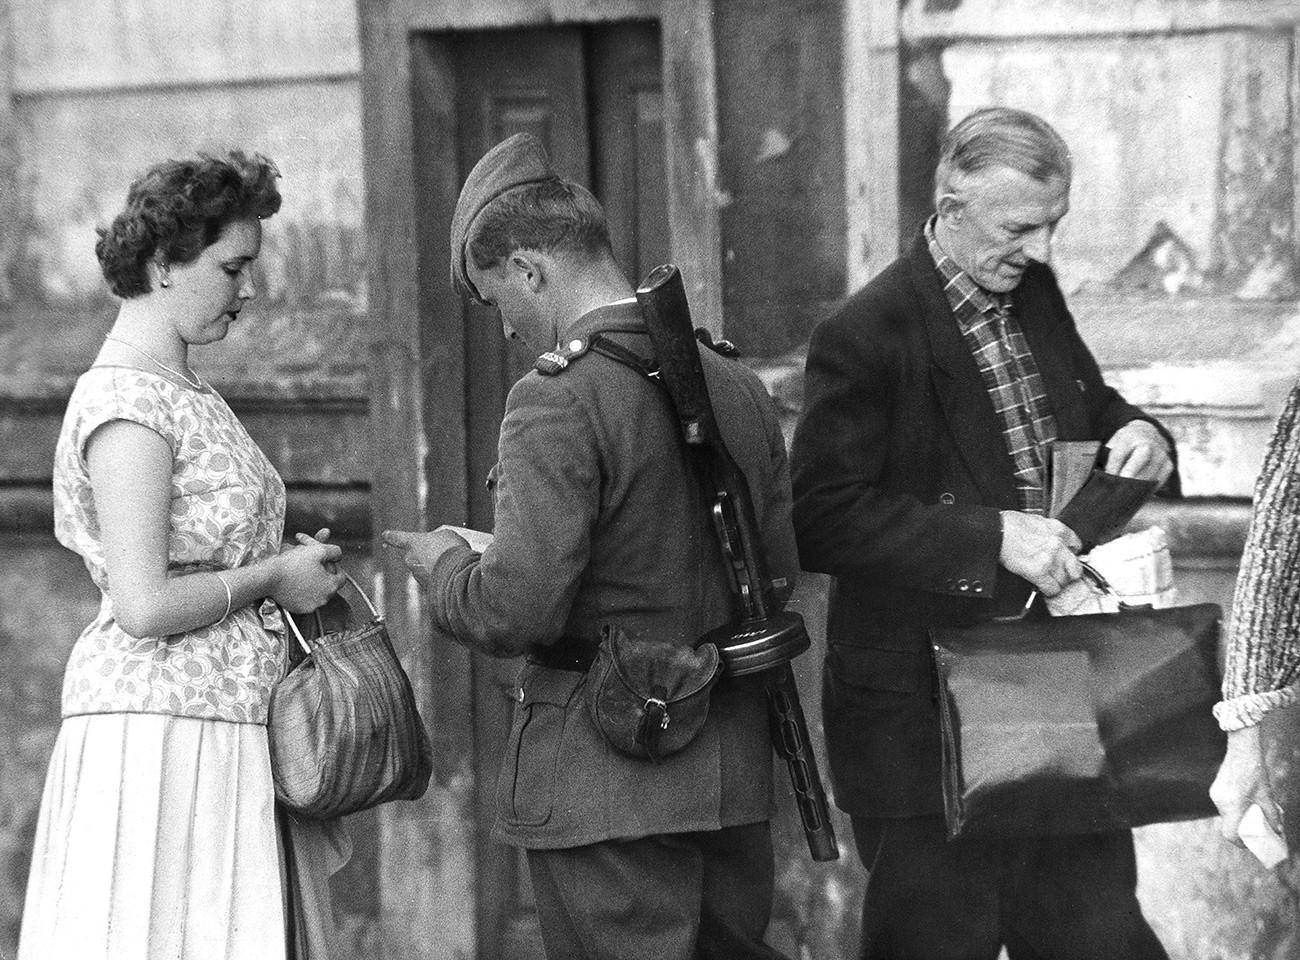 境界に近く住んでいた人は自分のアパートへ入る前に東ドイツの警察によって身体検査された。